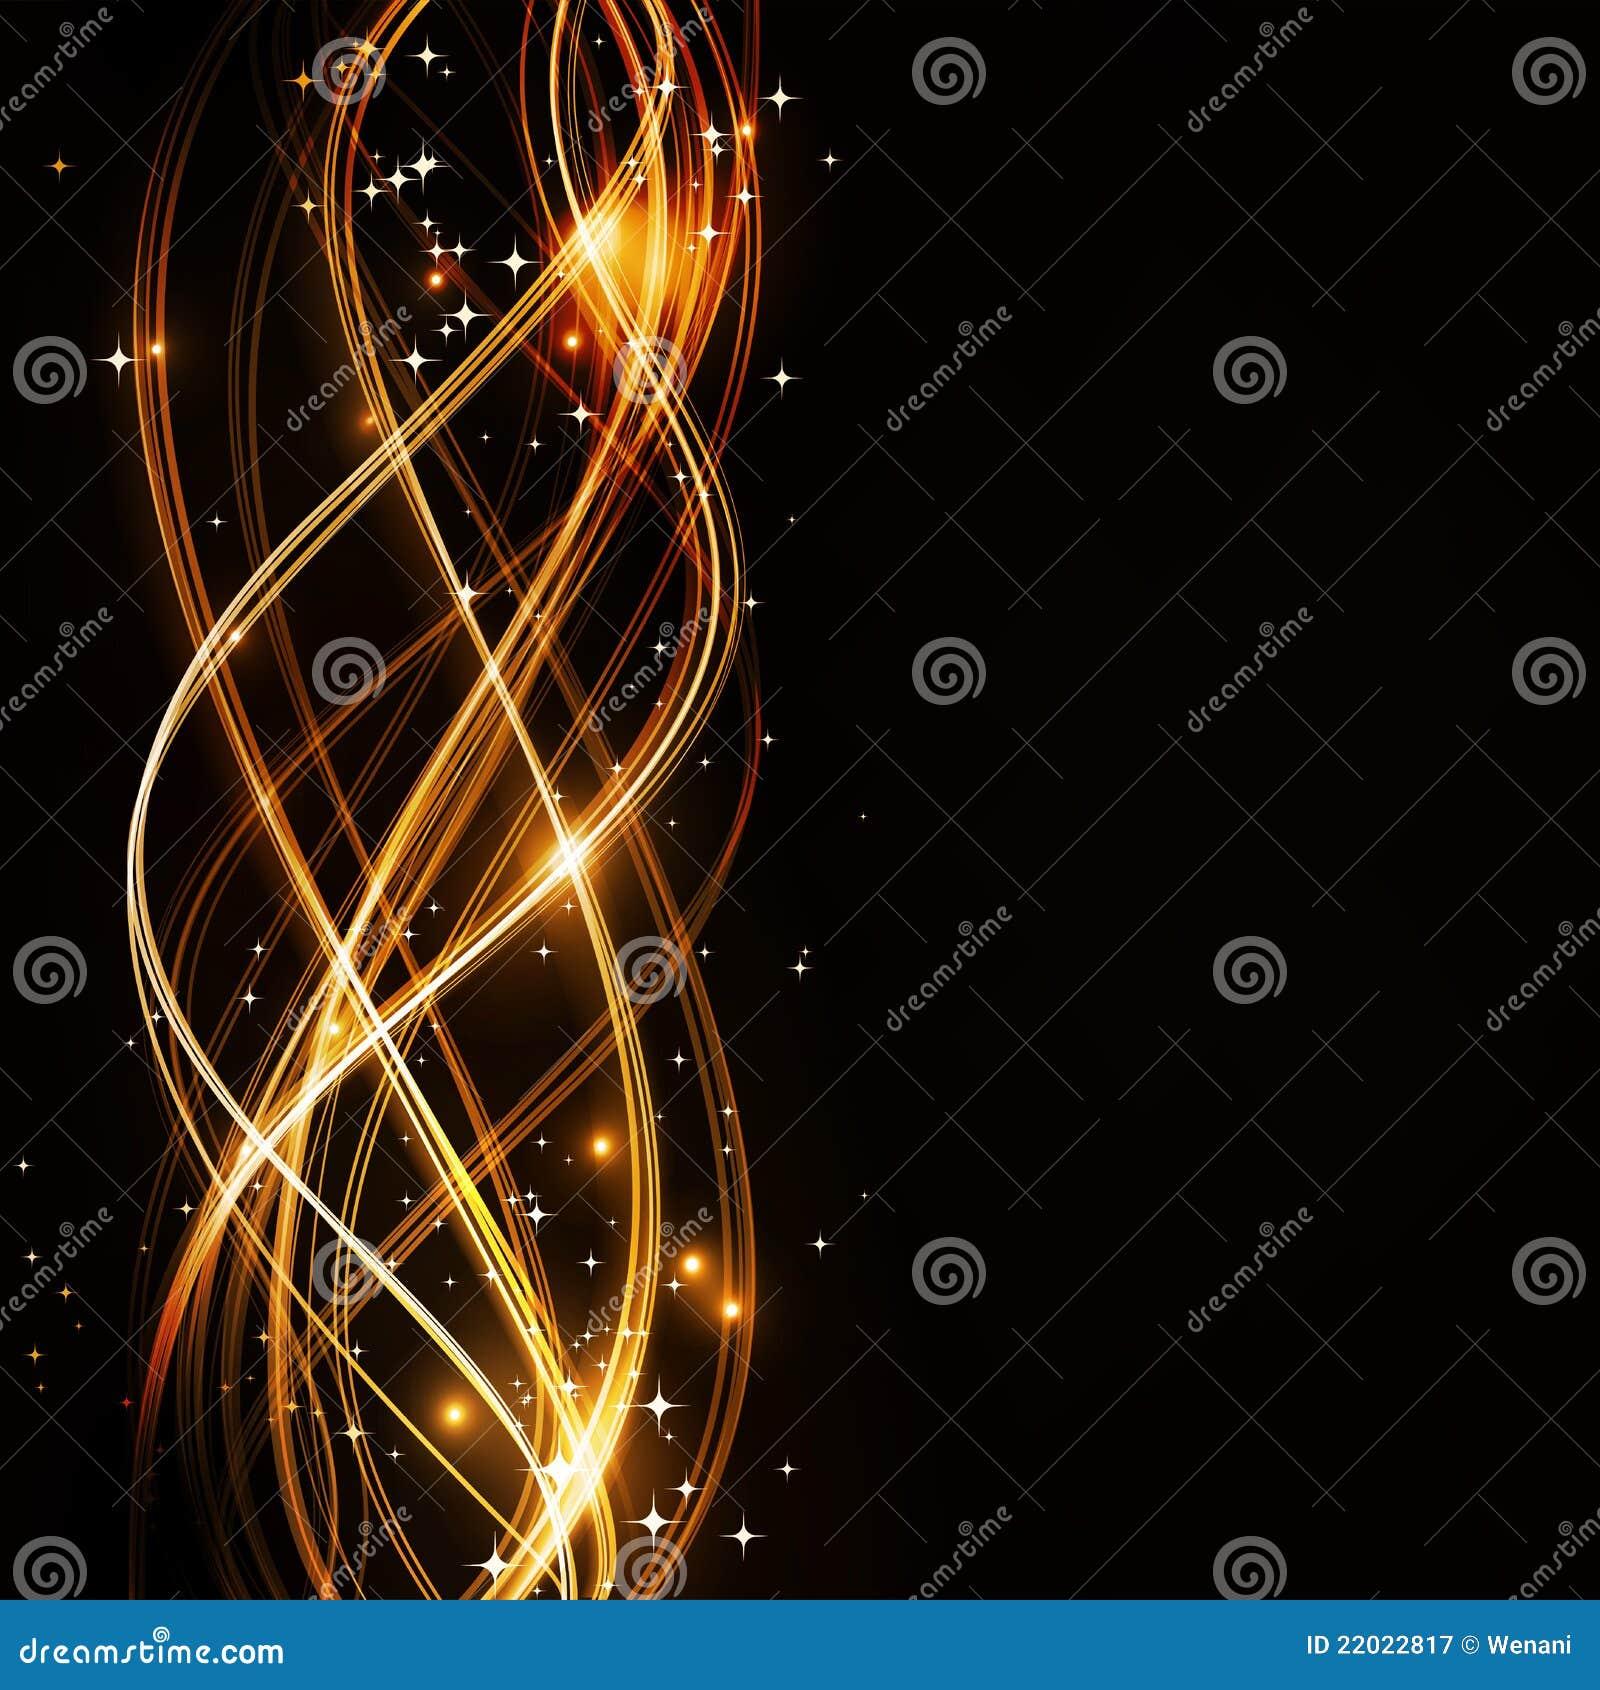 abstractstars abstract stars patterns - photo #6